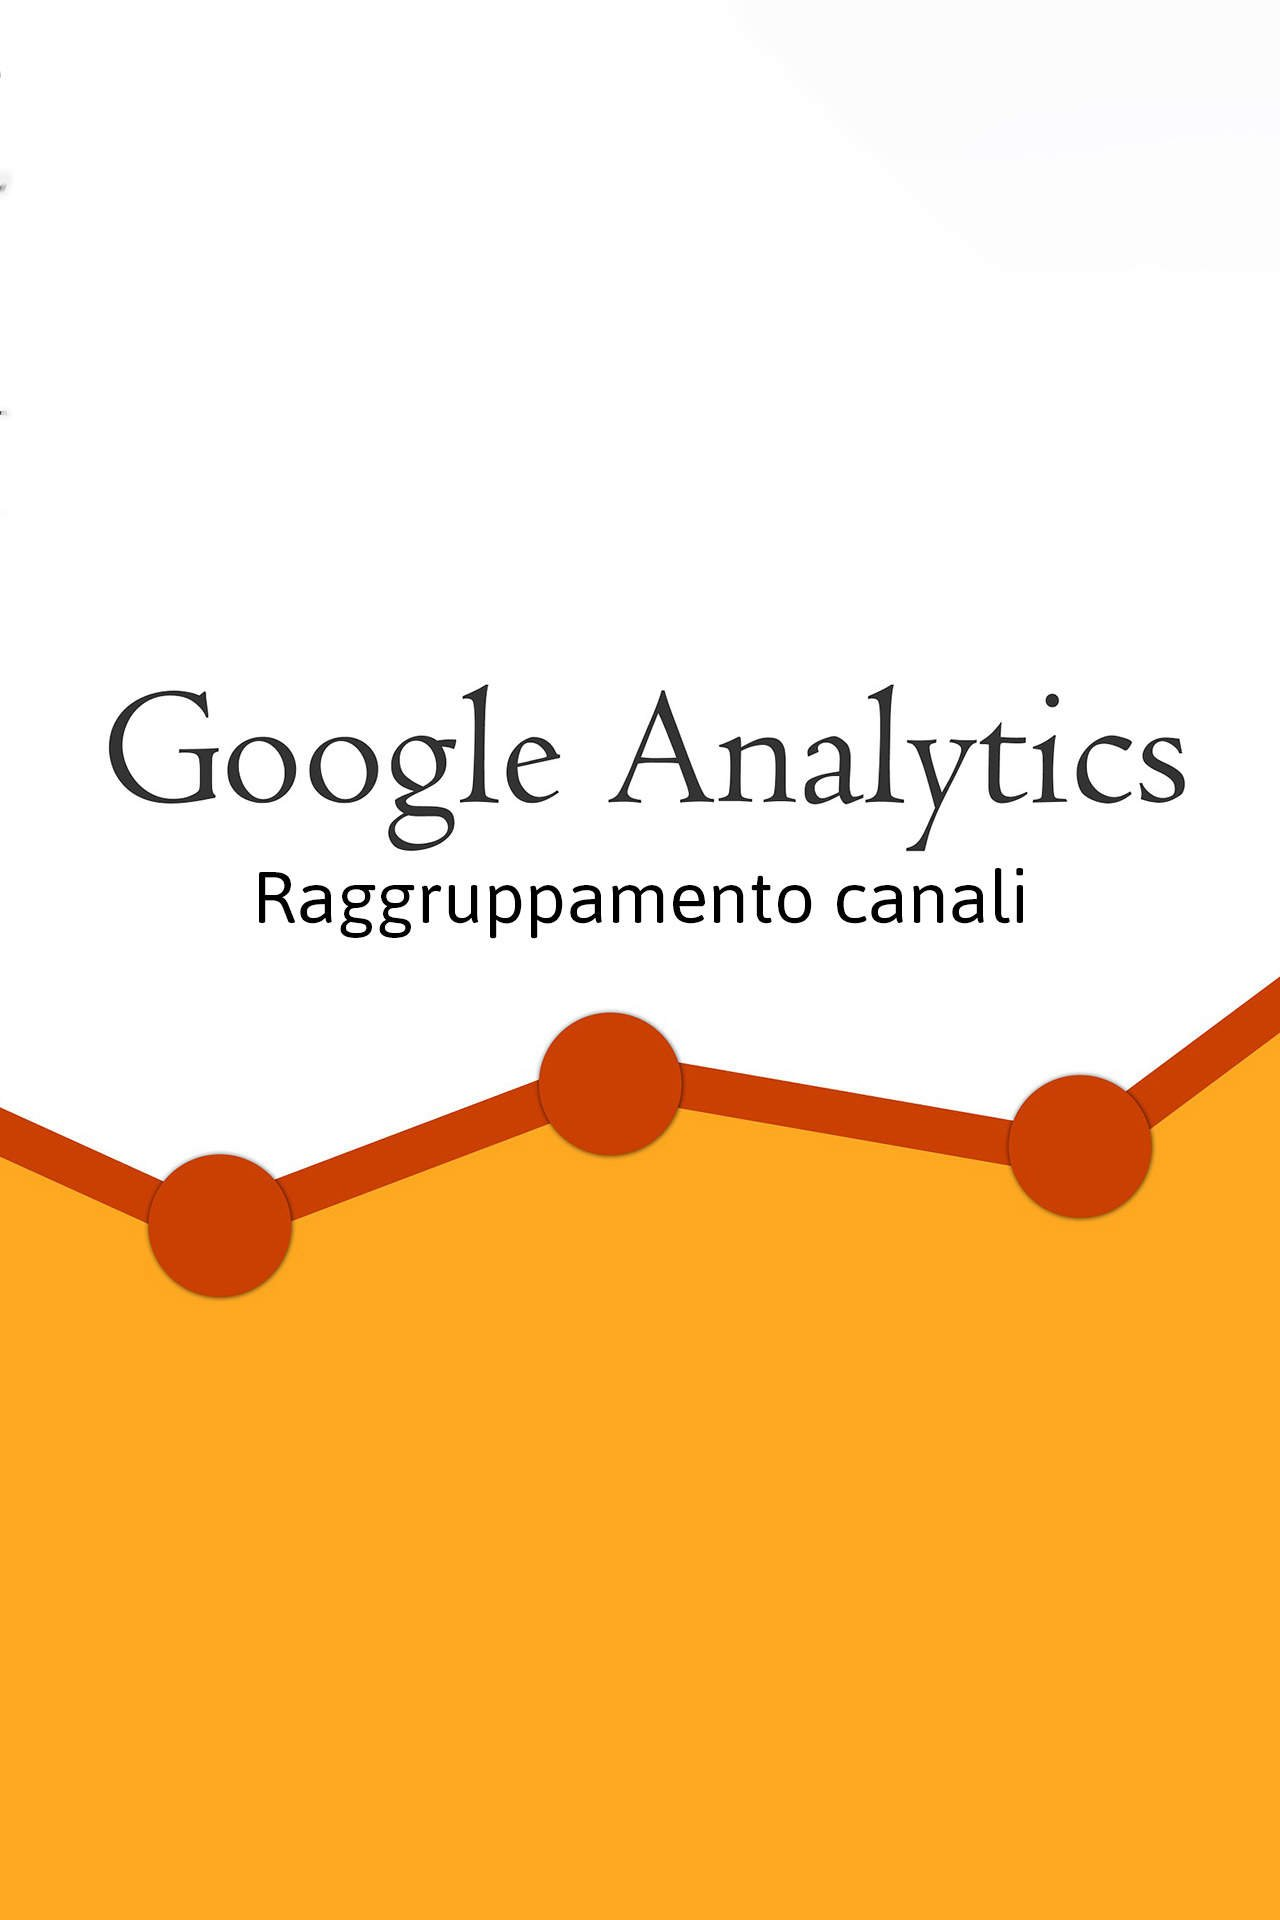 raggruppamento canali analitycs